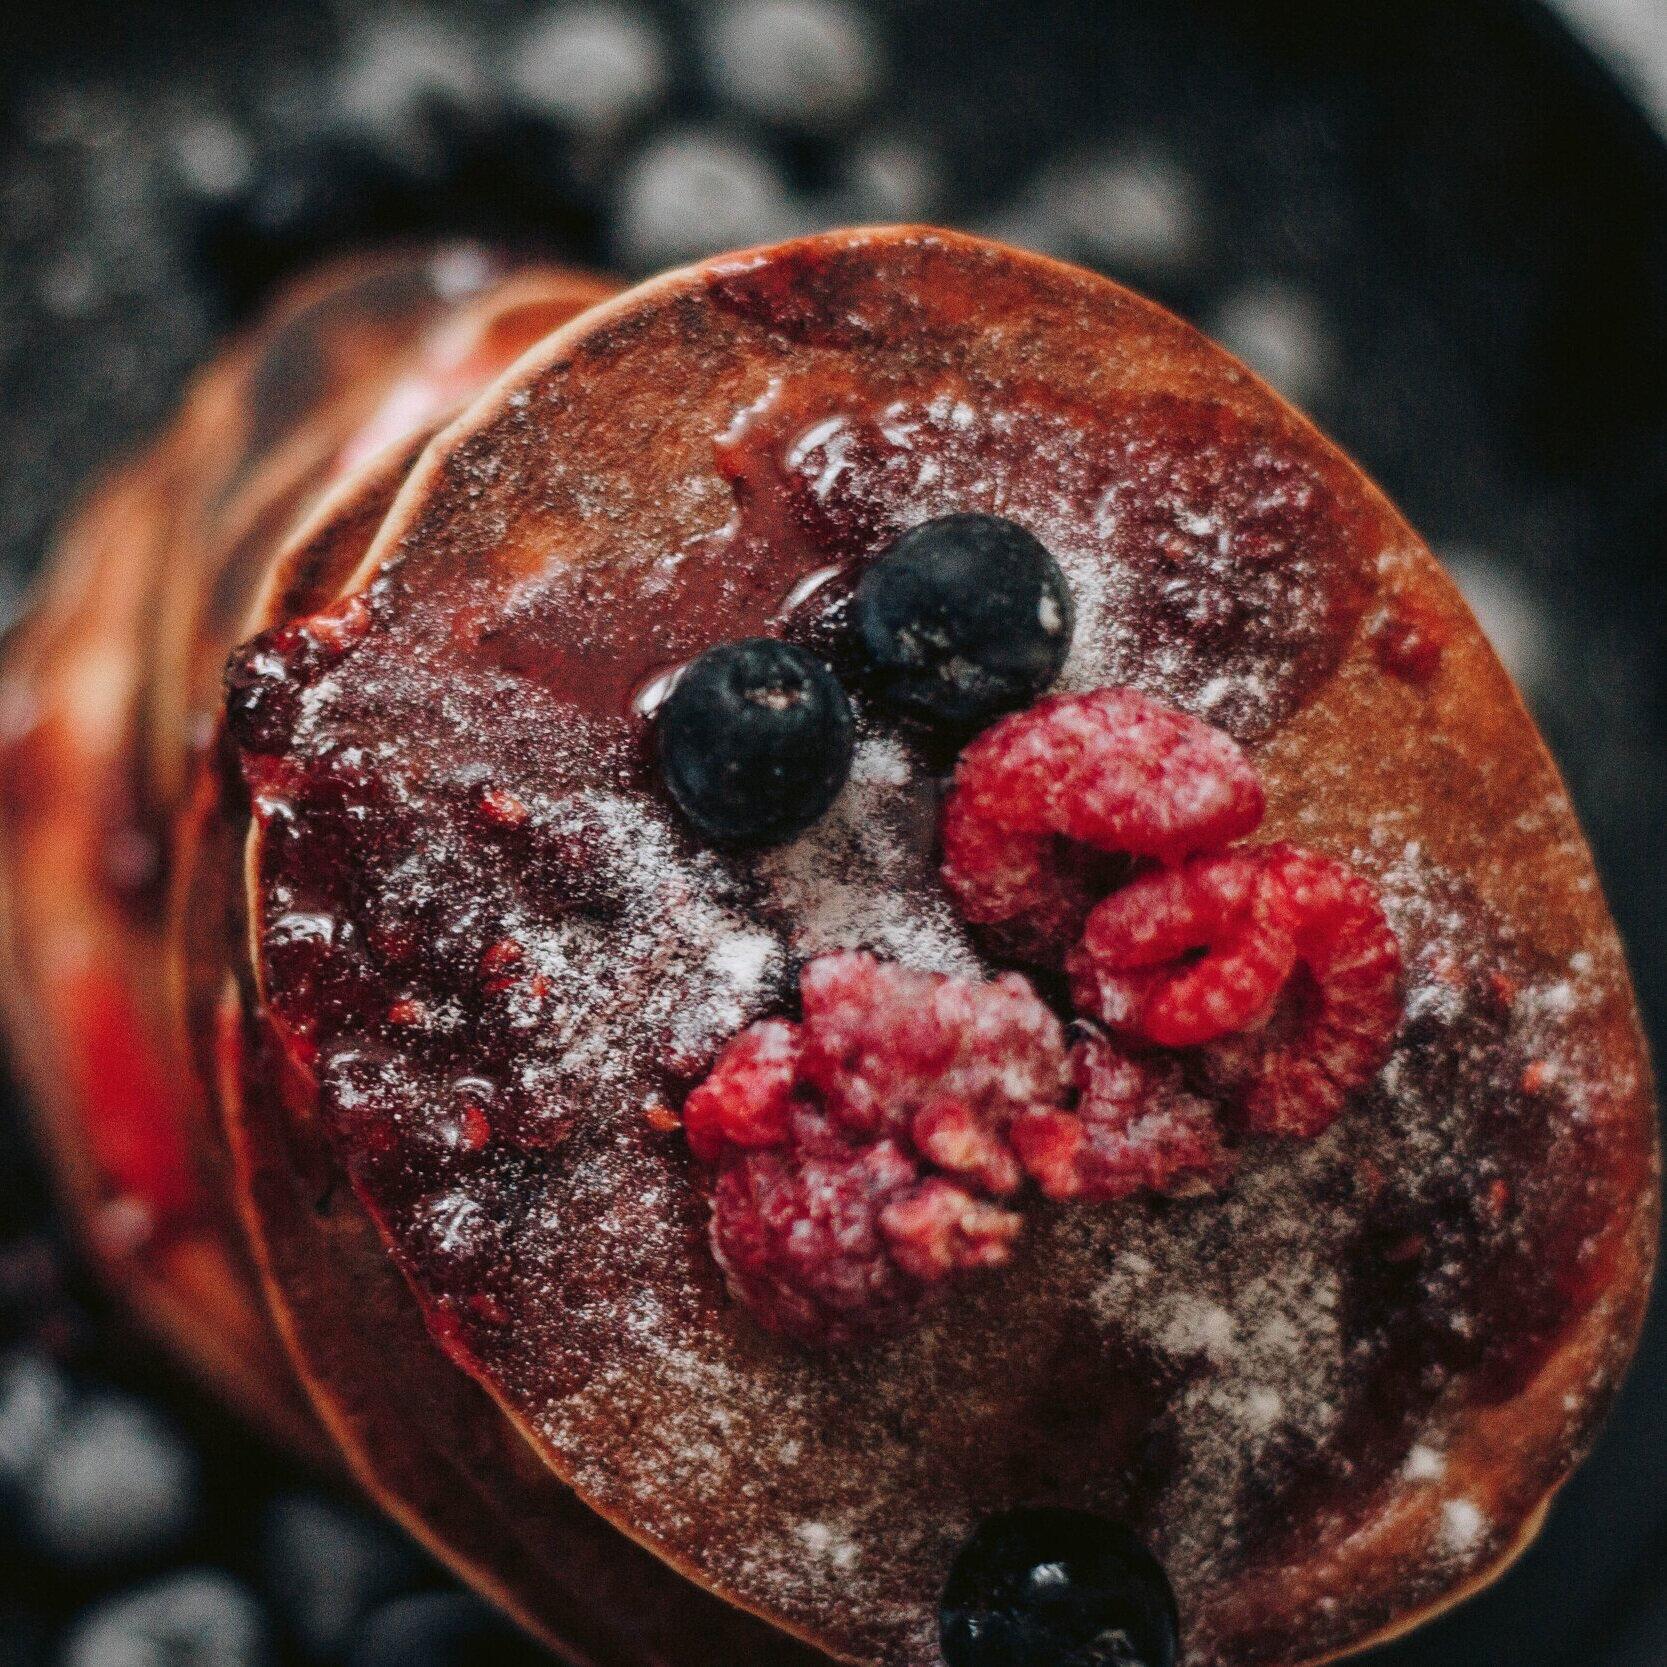 berries-delicious-food-821398.jpg